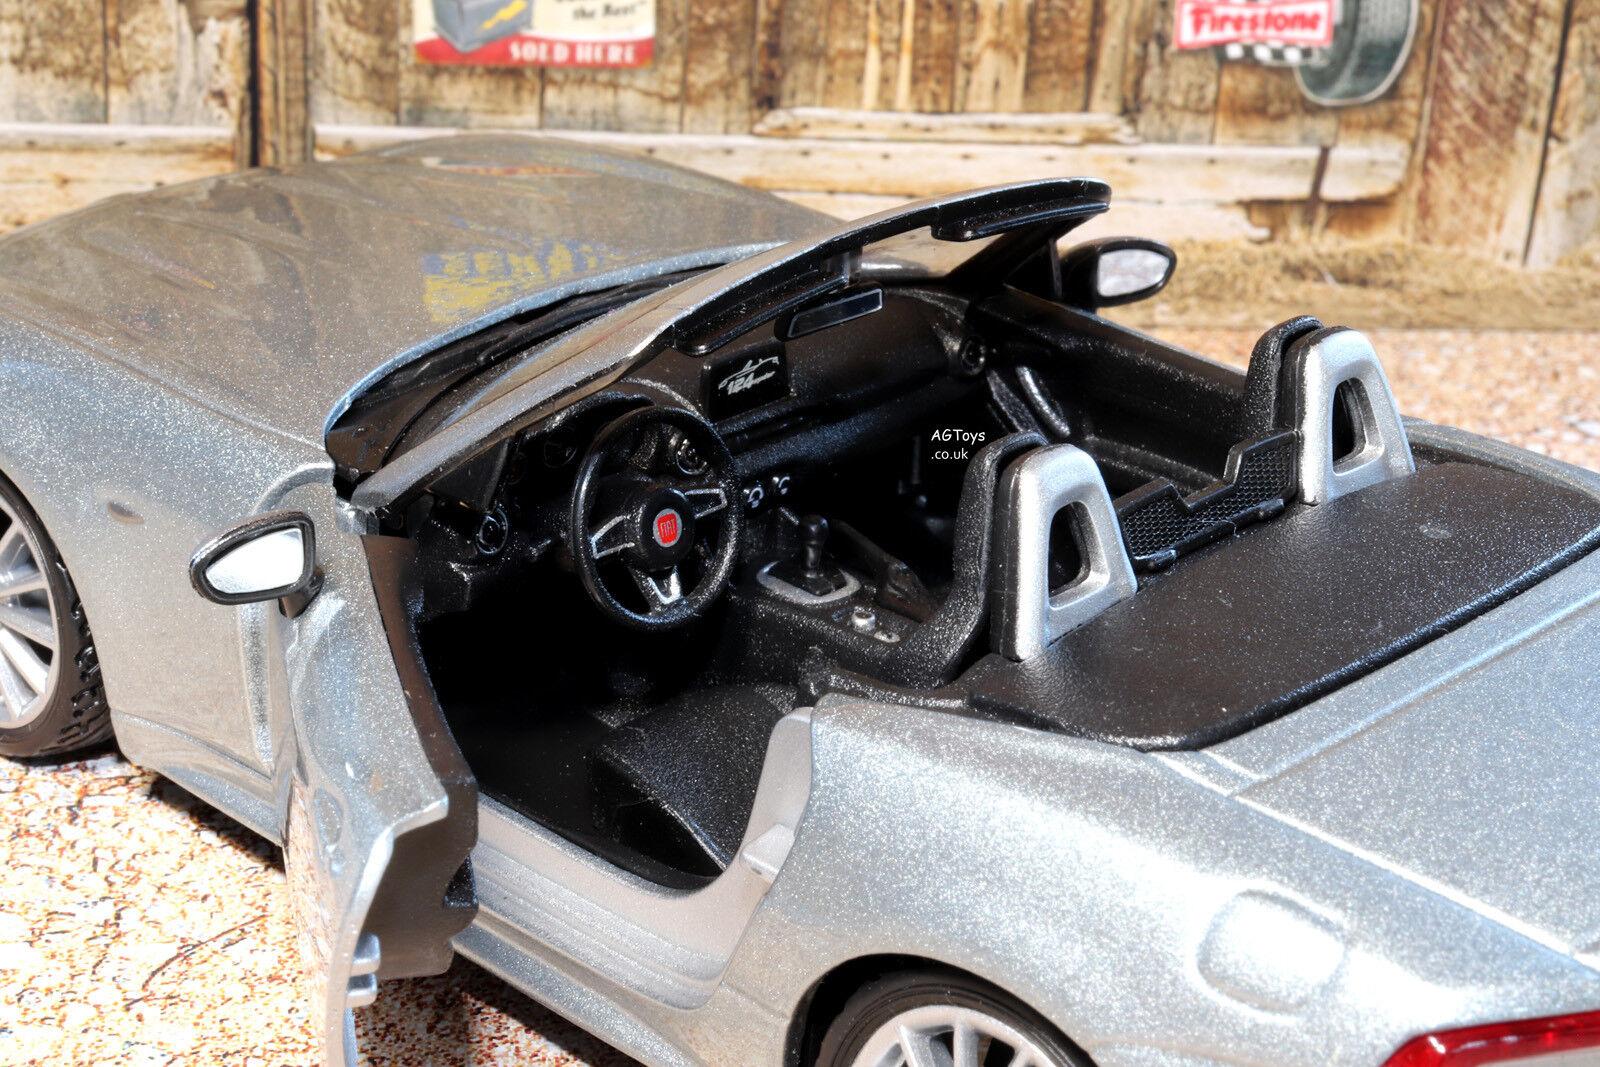 Fiat 124 Araña Araña Araña 1 24 Escala Modelo de Metal Fundido a Troquel Coche de Juguete Bburago 3+ 5ff904